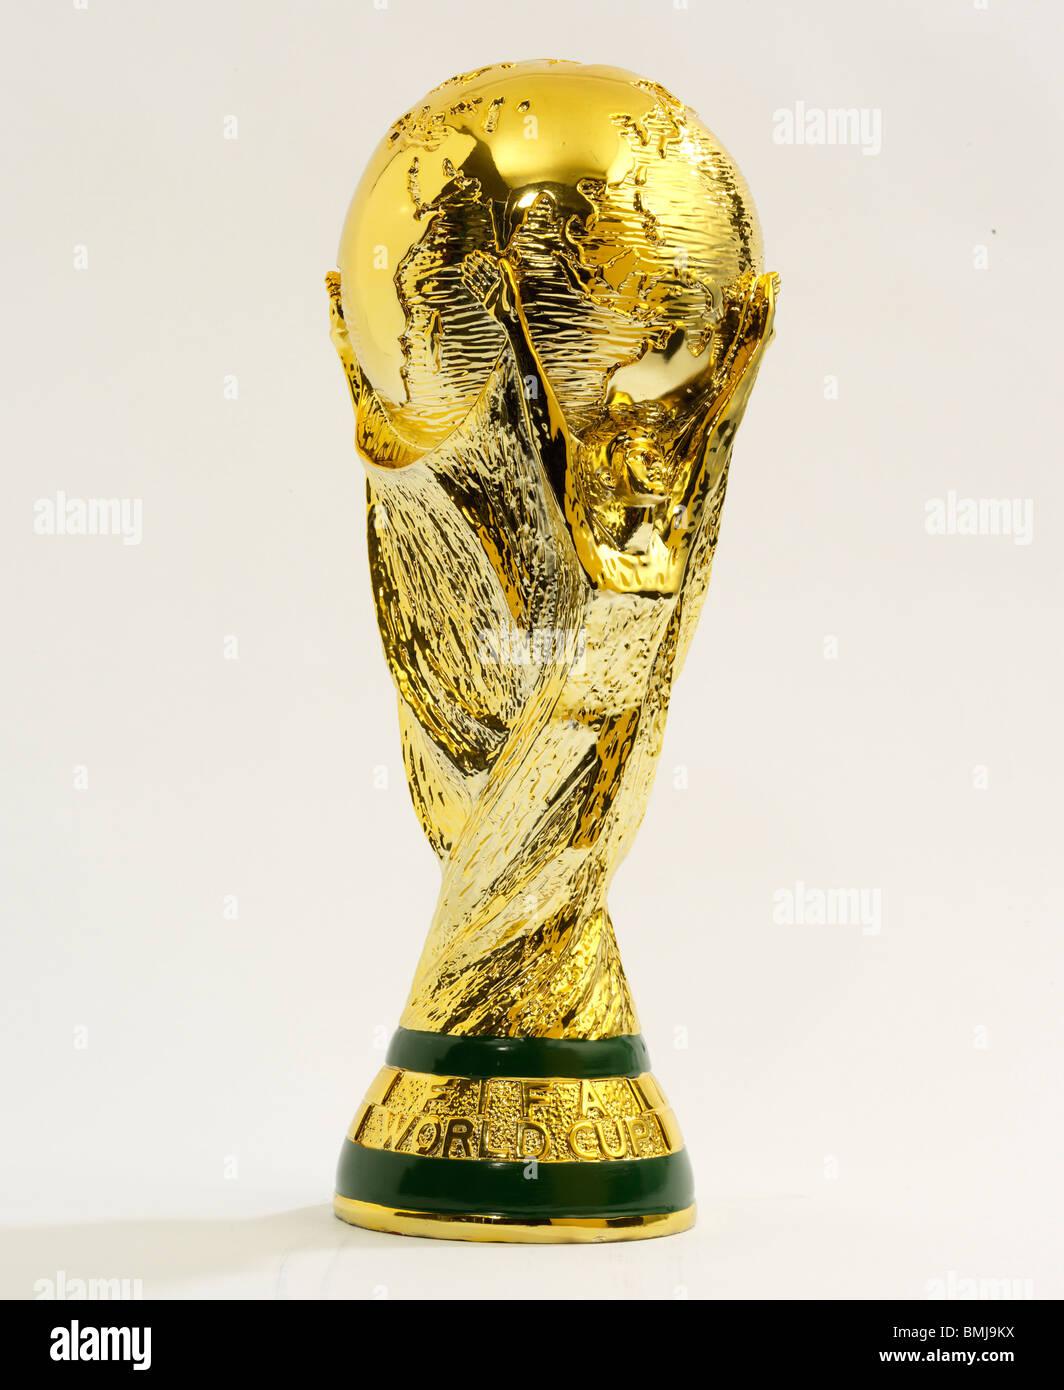 Fussball Wm Pokal Nachbildung Der Fifa Uber Einen Einfachen